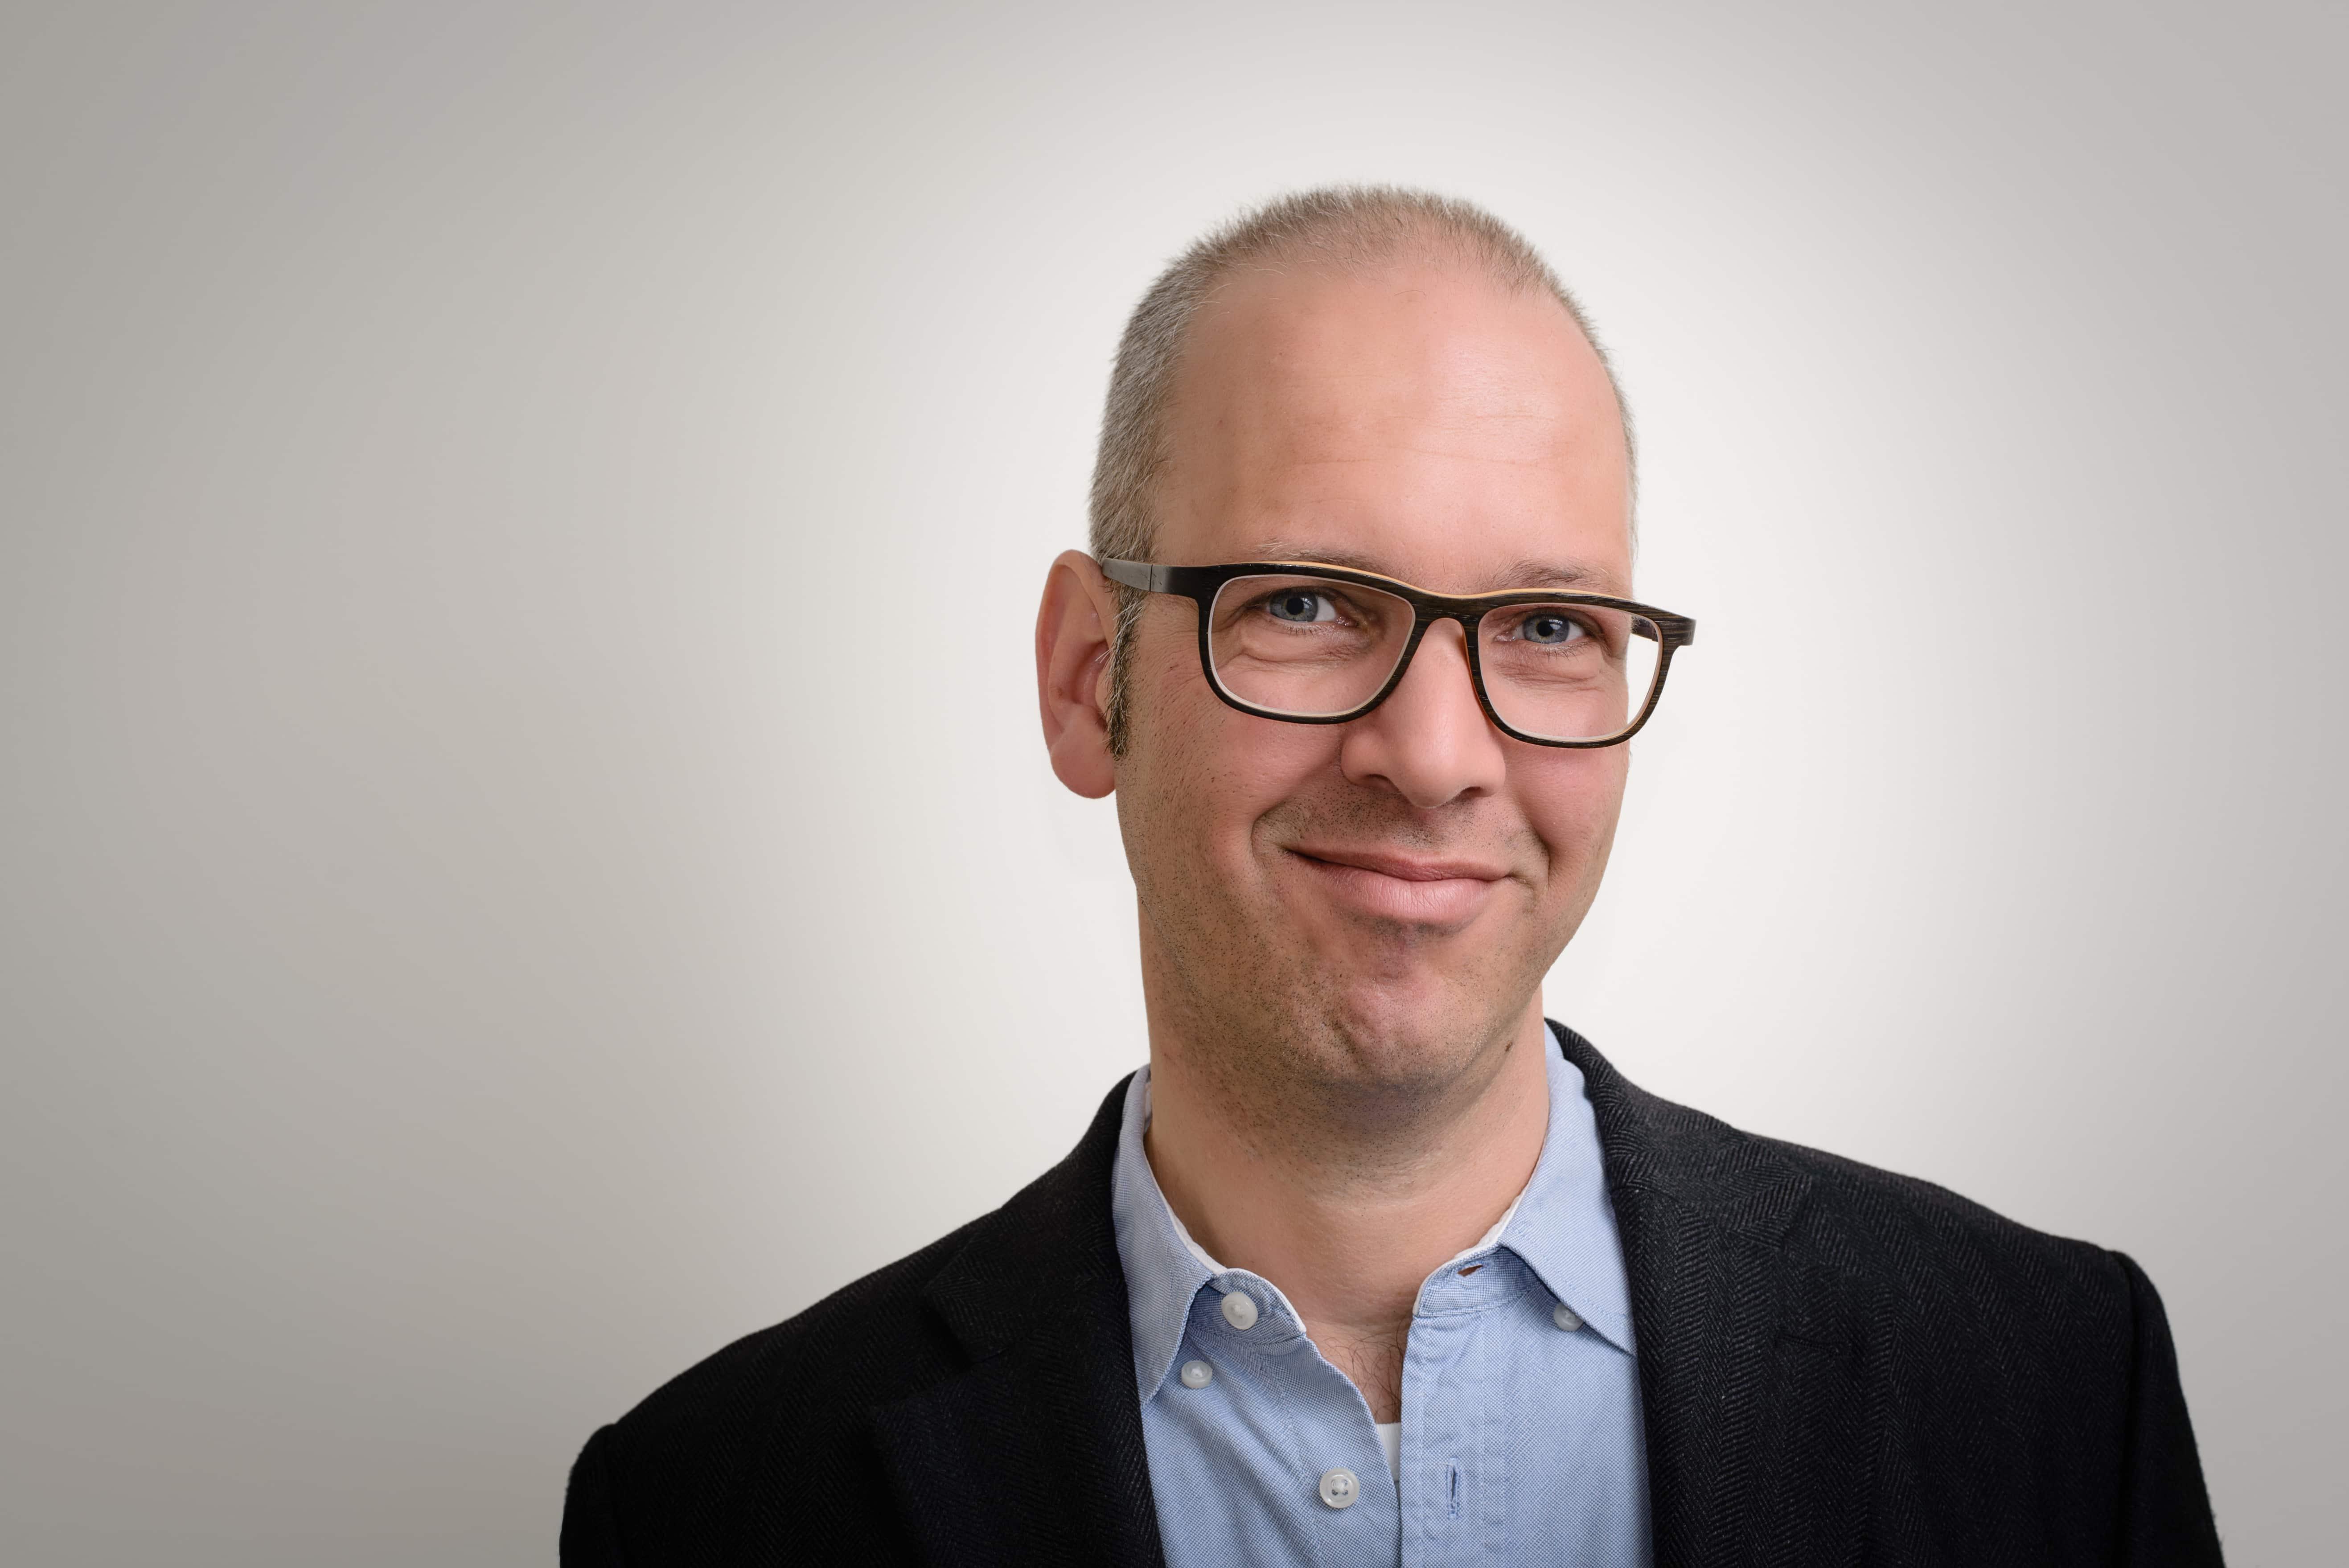 Alexander Klose